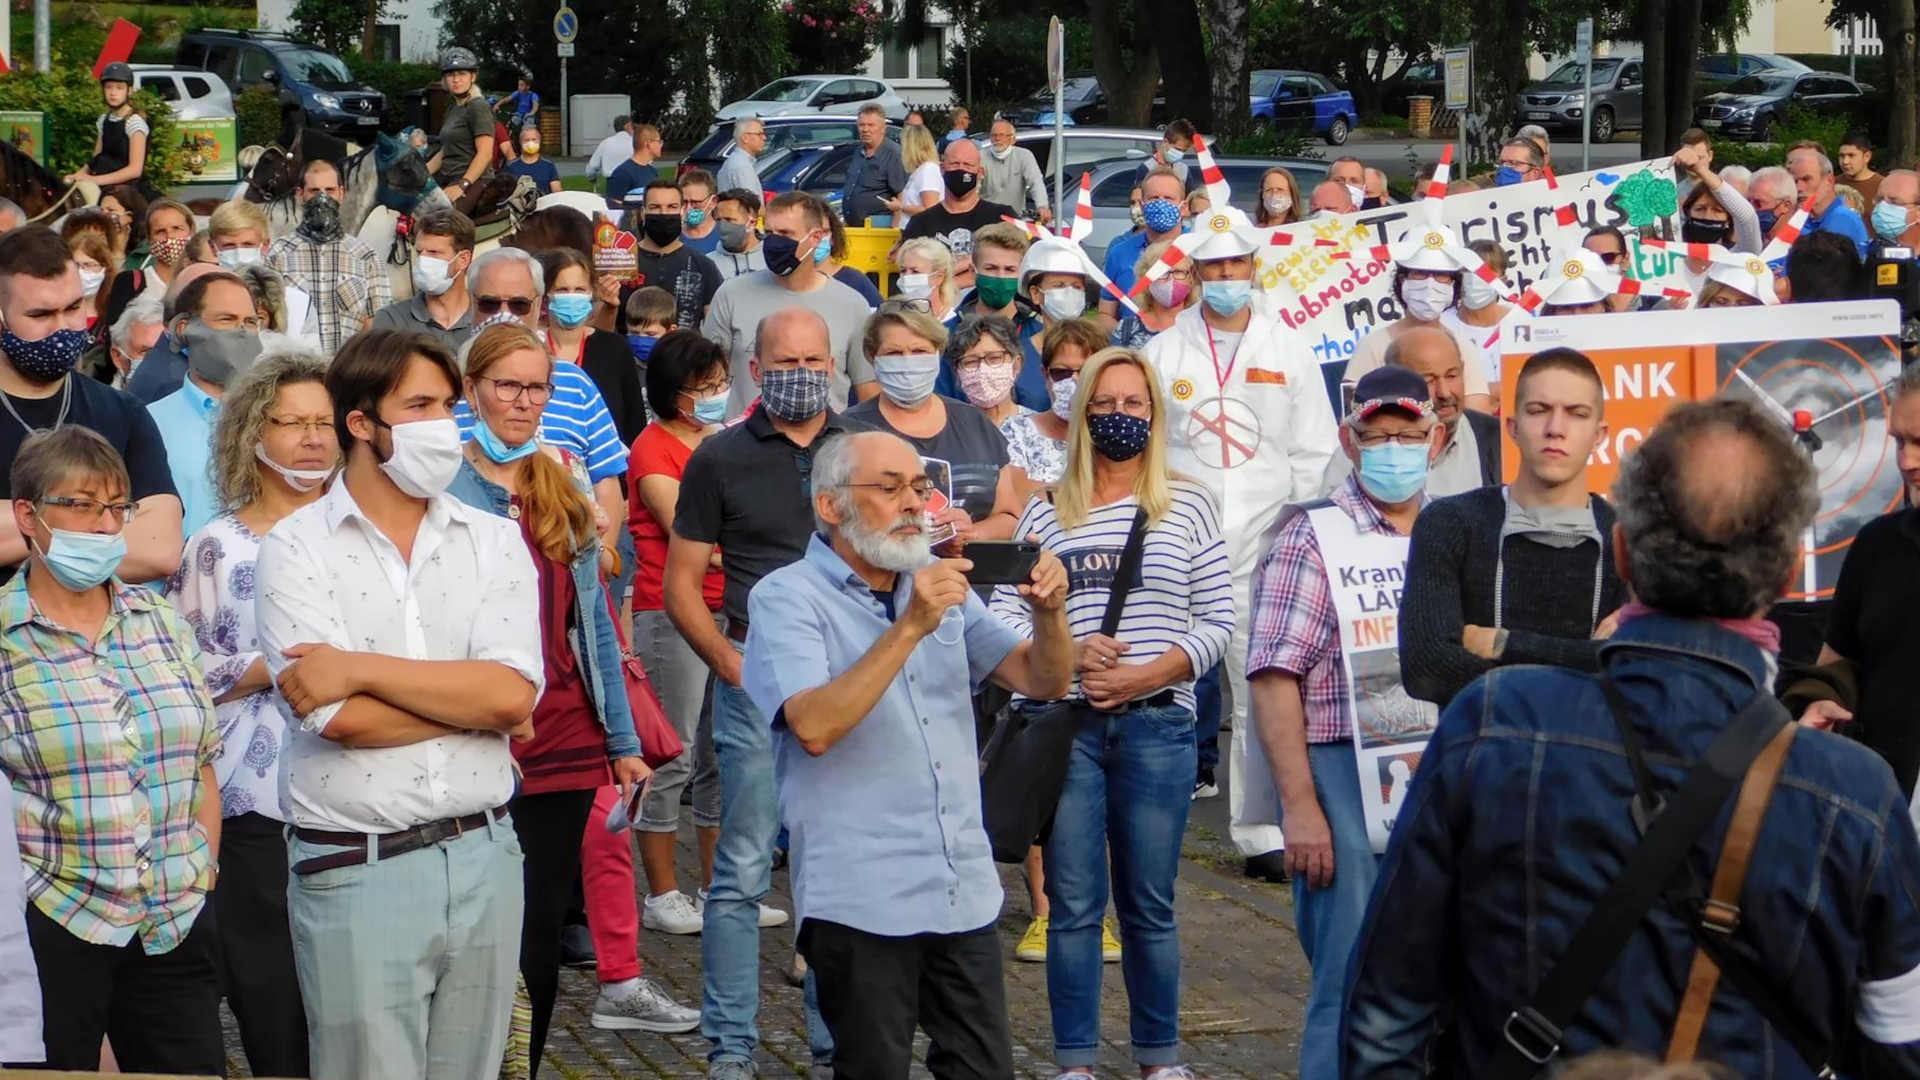 Demo Impressionen: Gemeinsam sind wir nicht zu stoppen